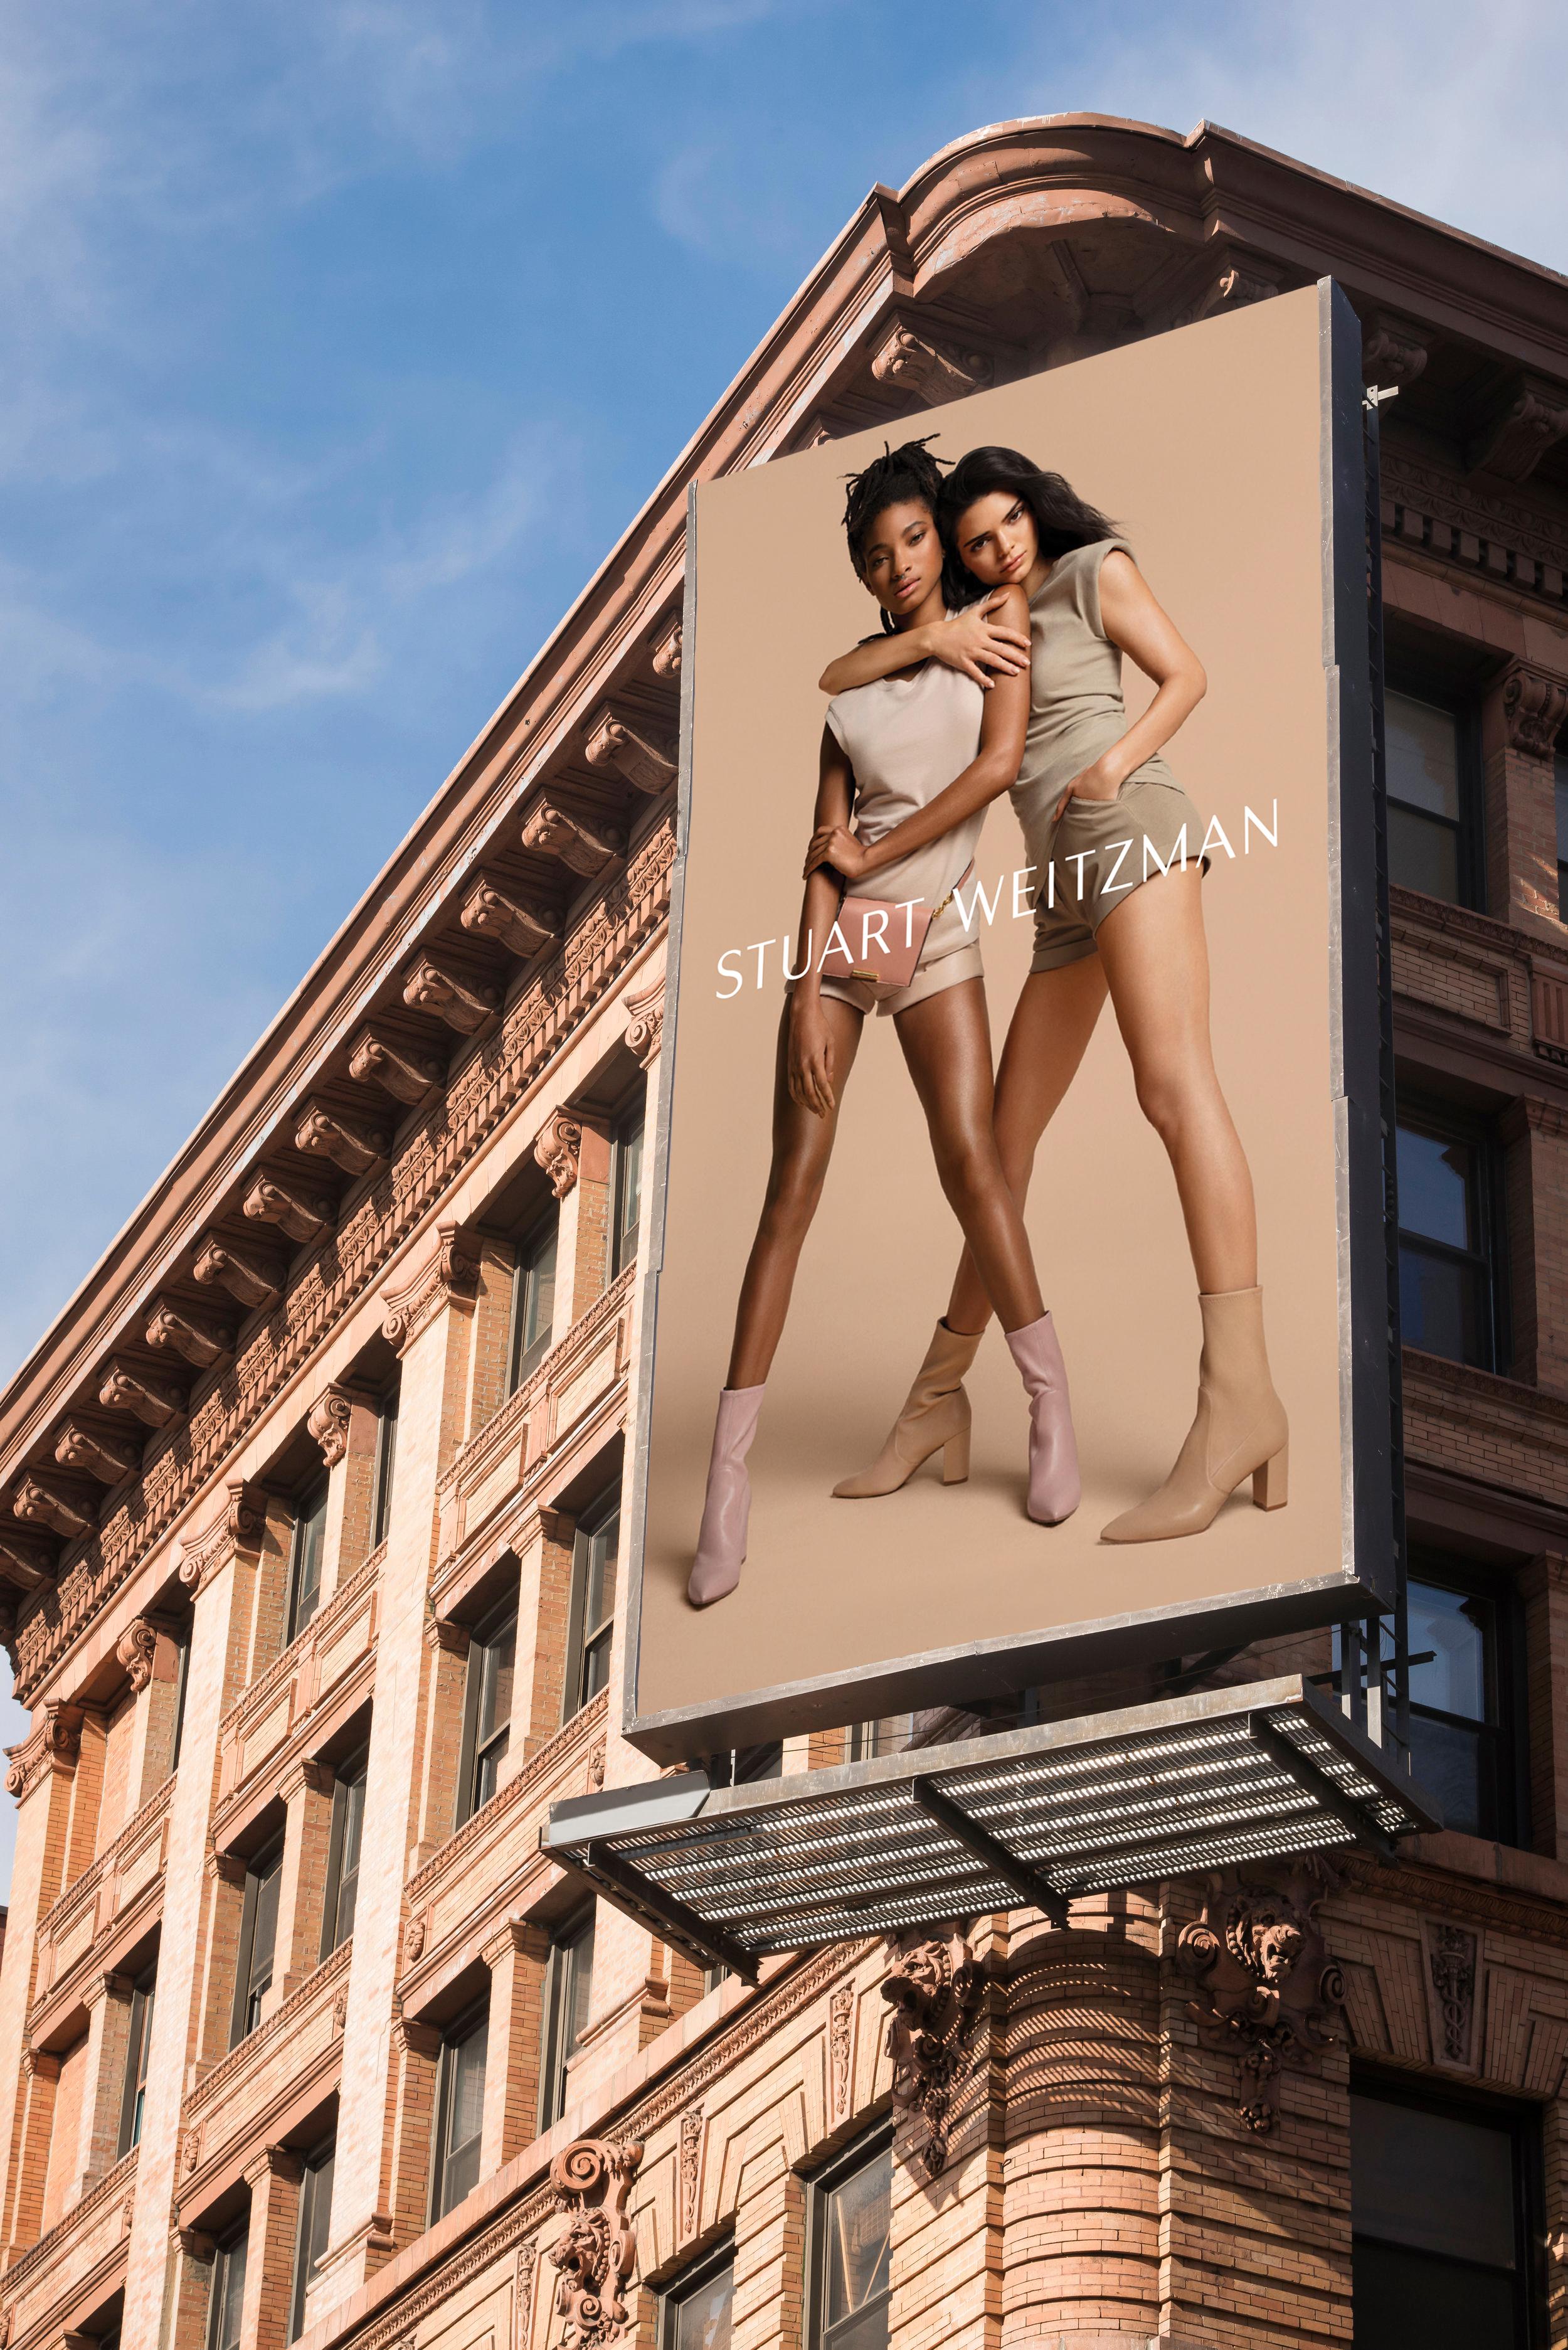 sw_billboard.jpg